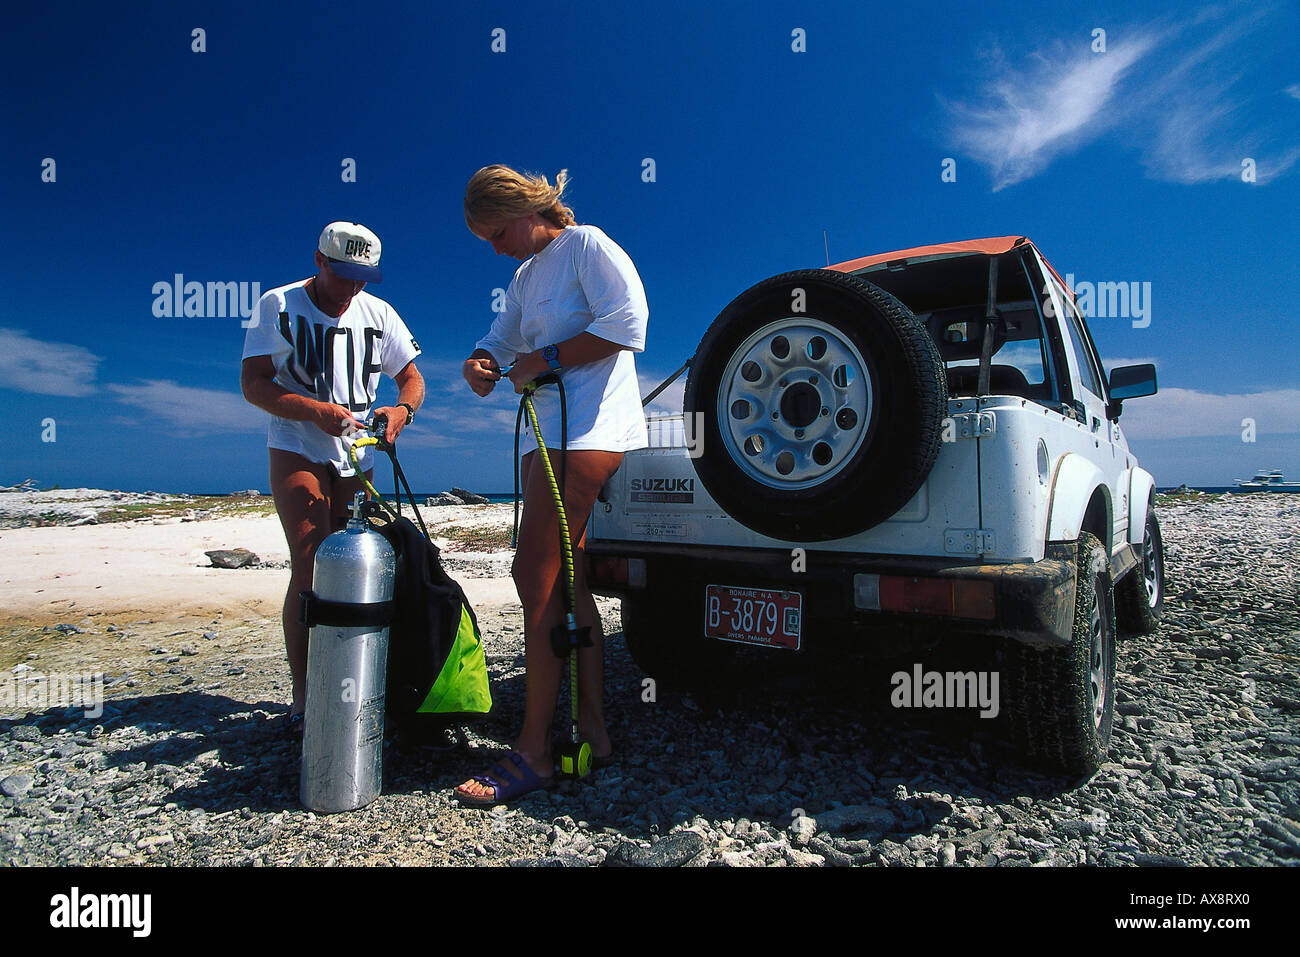 Jeep, Tauchvorbereitung, Bonaire, Niederlaendische Antillen Karibik Stockbild